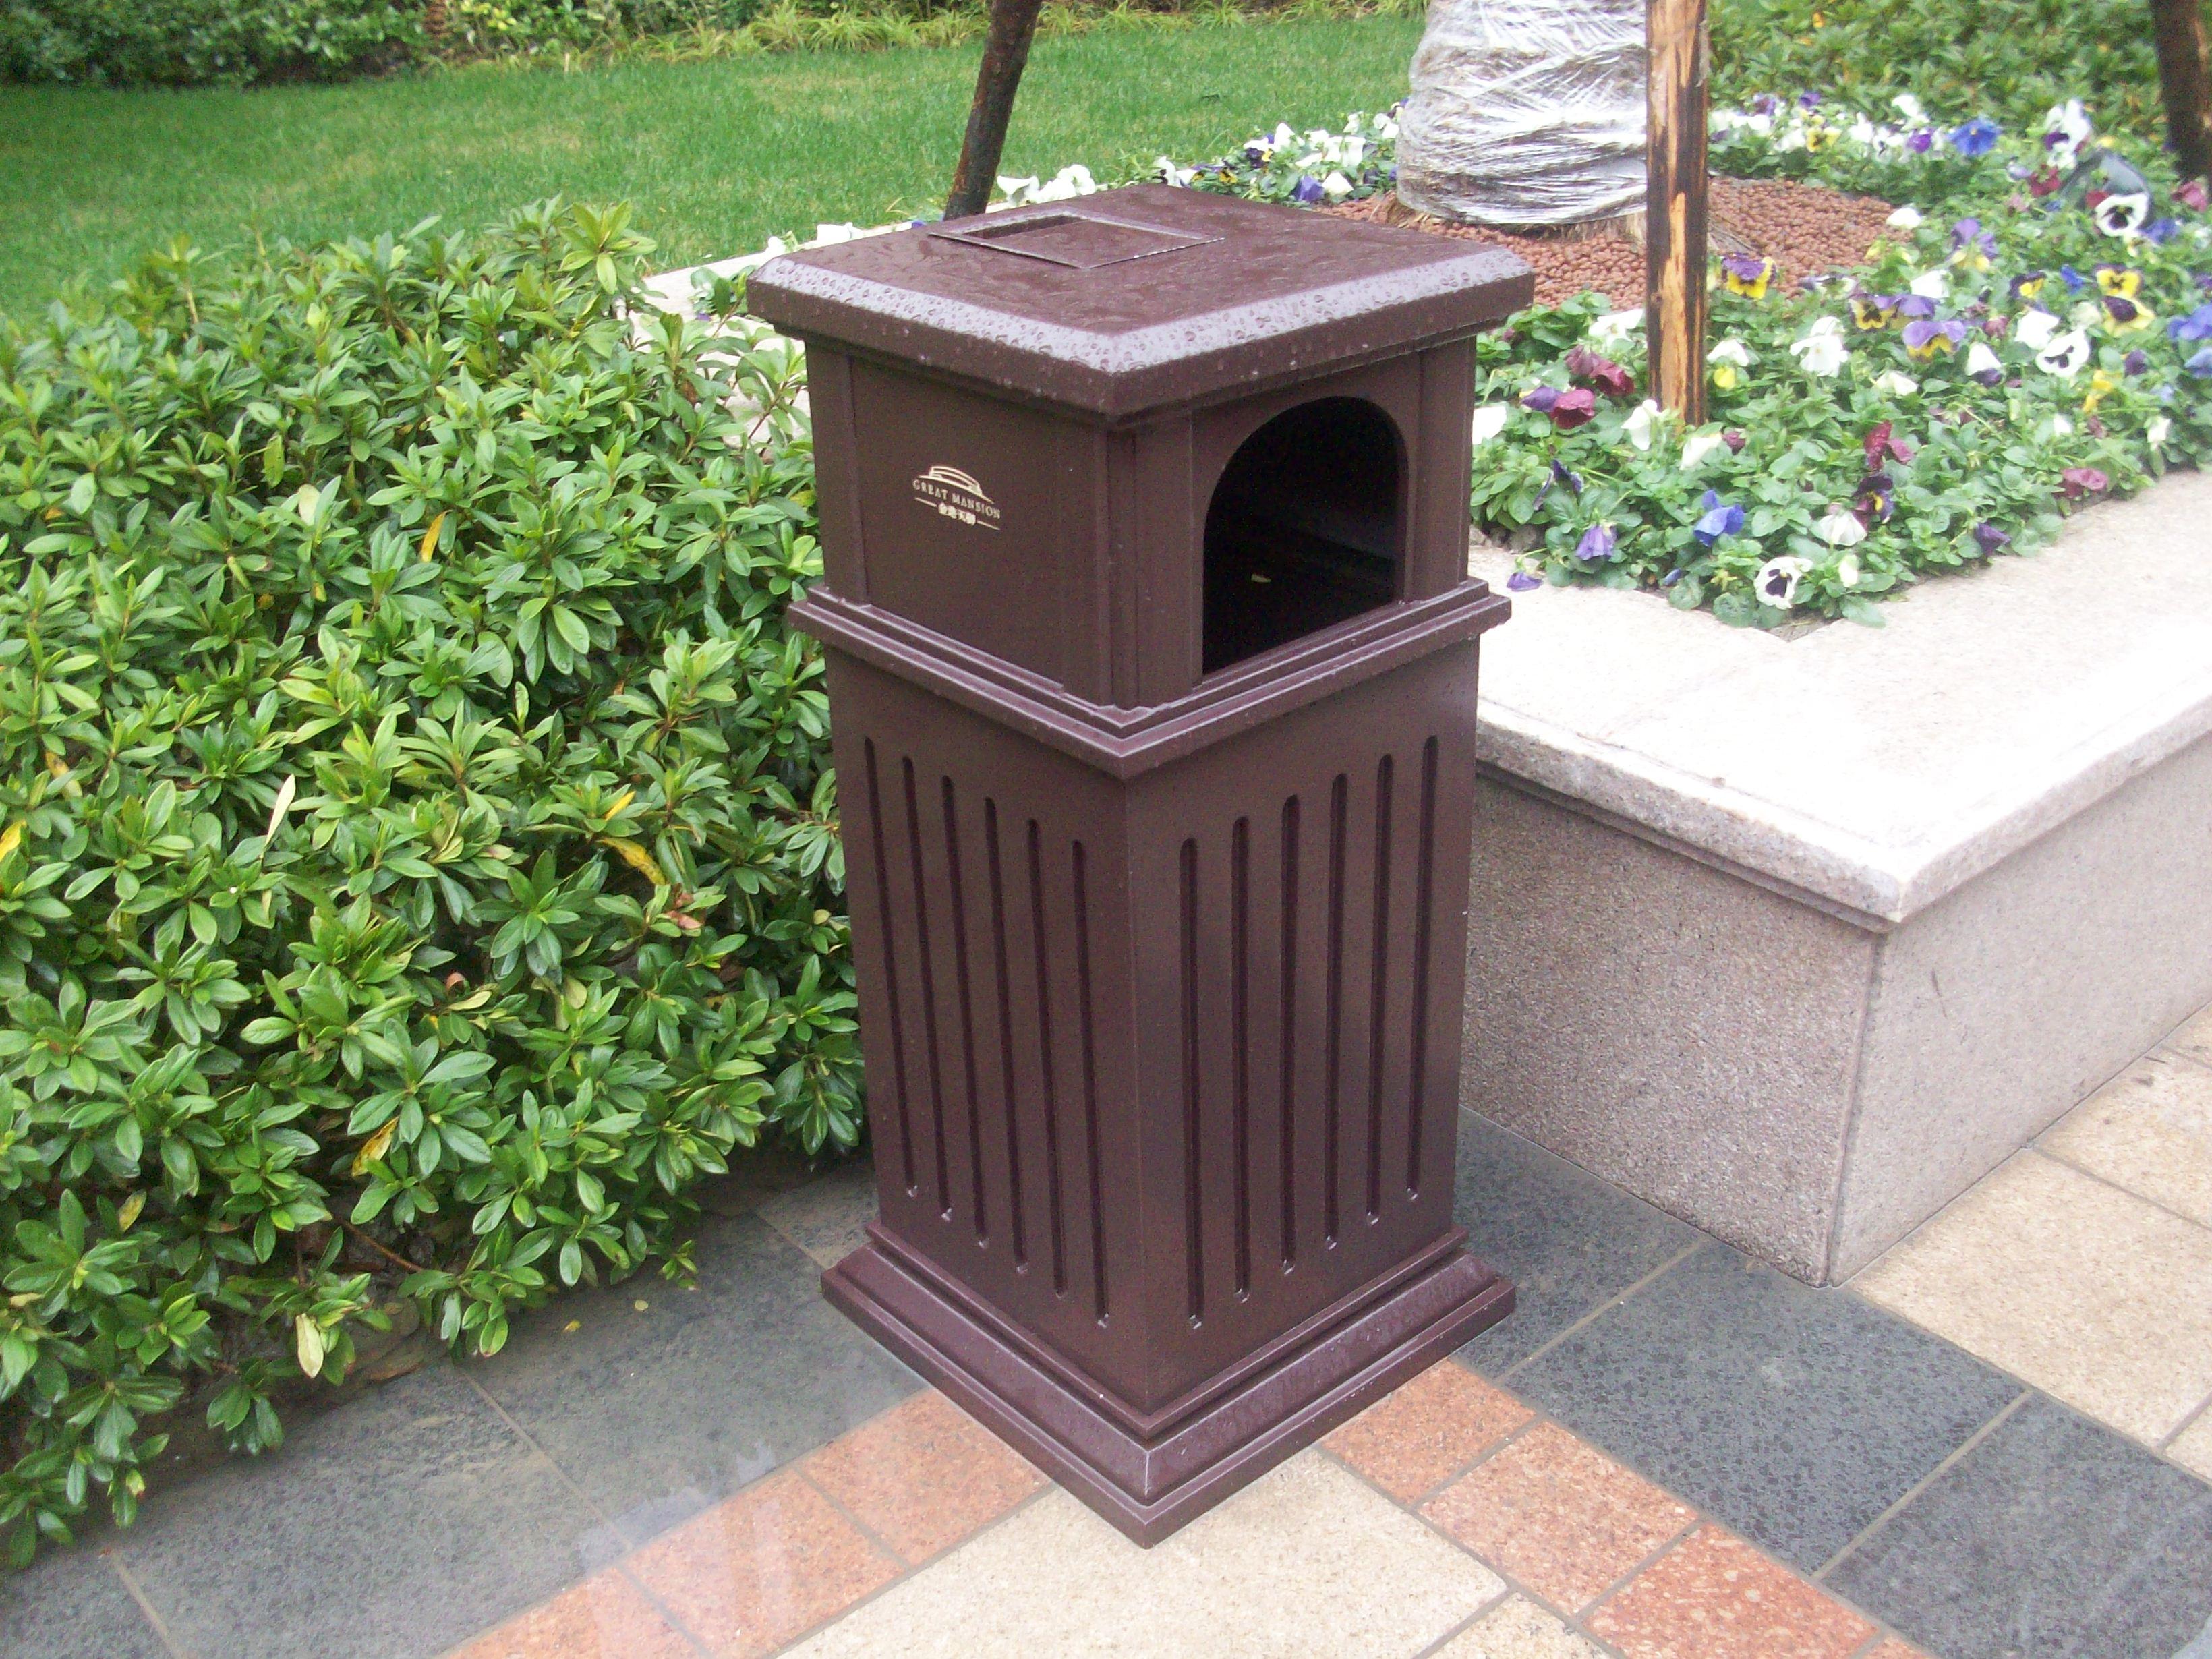 单桶垃圾桶xb1-078_上海旭雯景观休闲设备有限公司